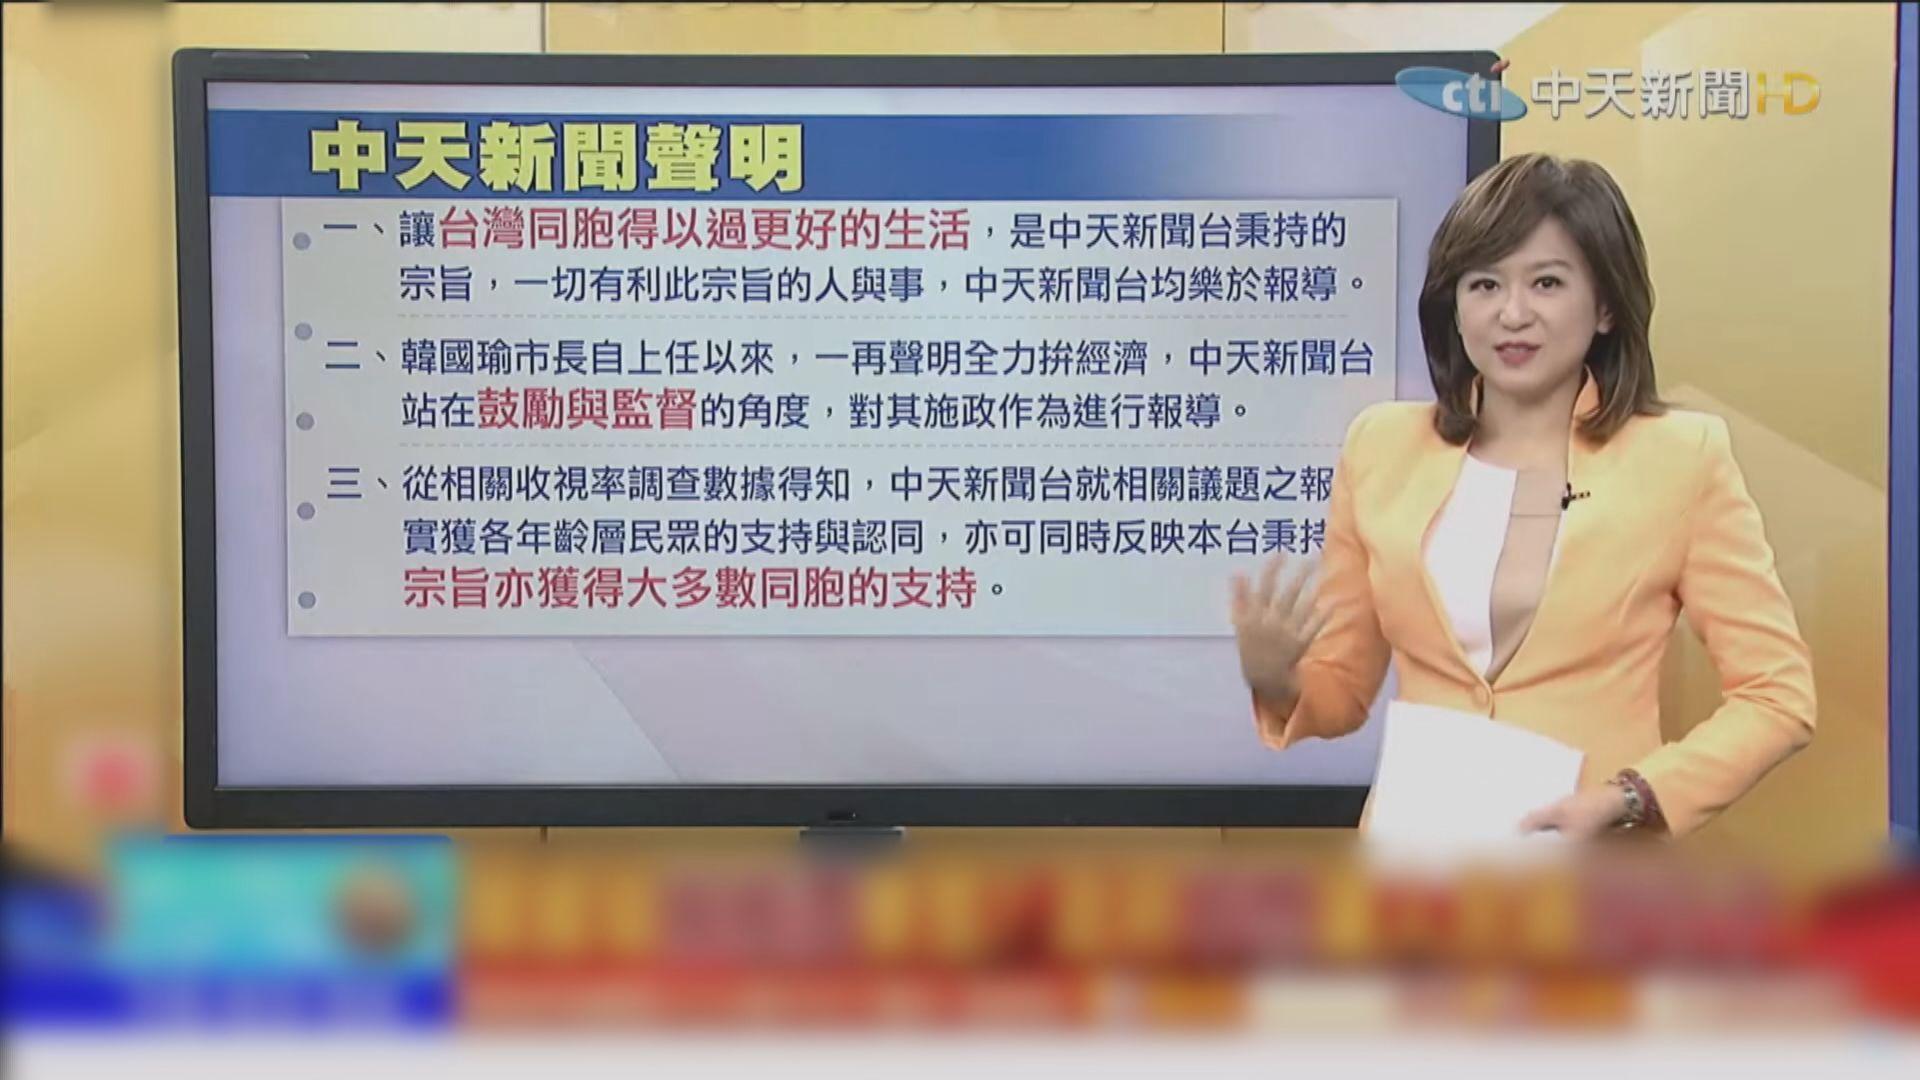 中天新聞被指報道失實遭處罰